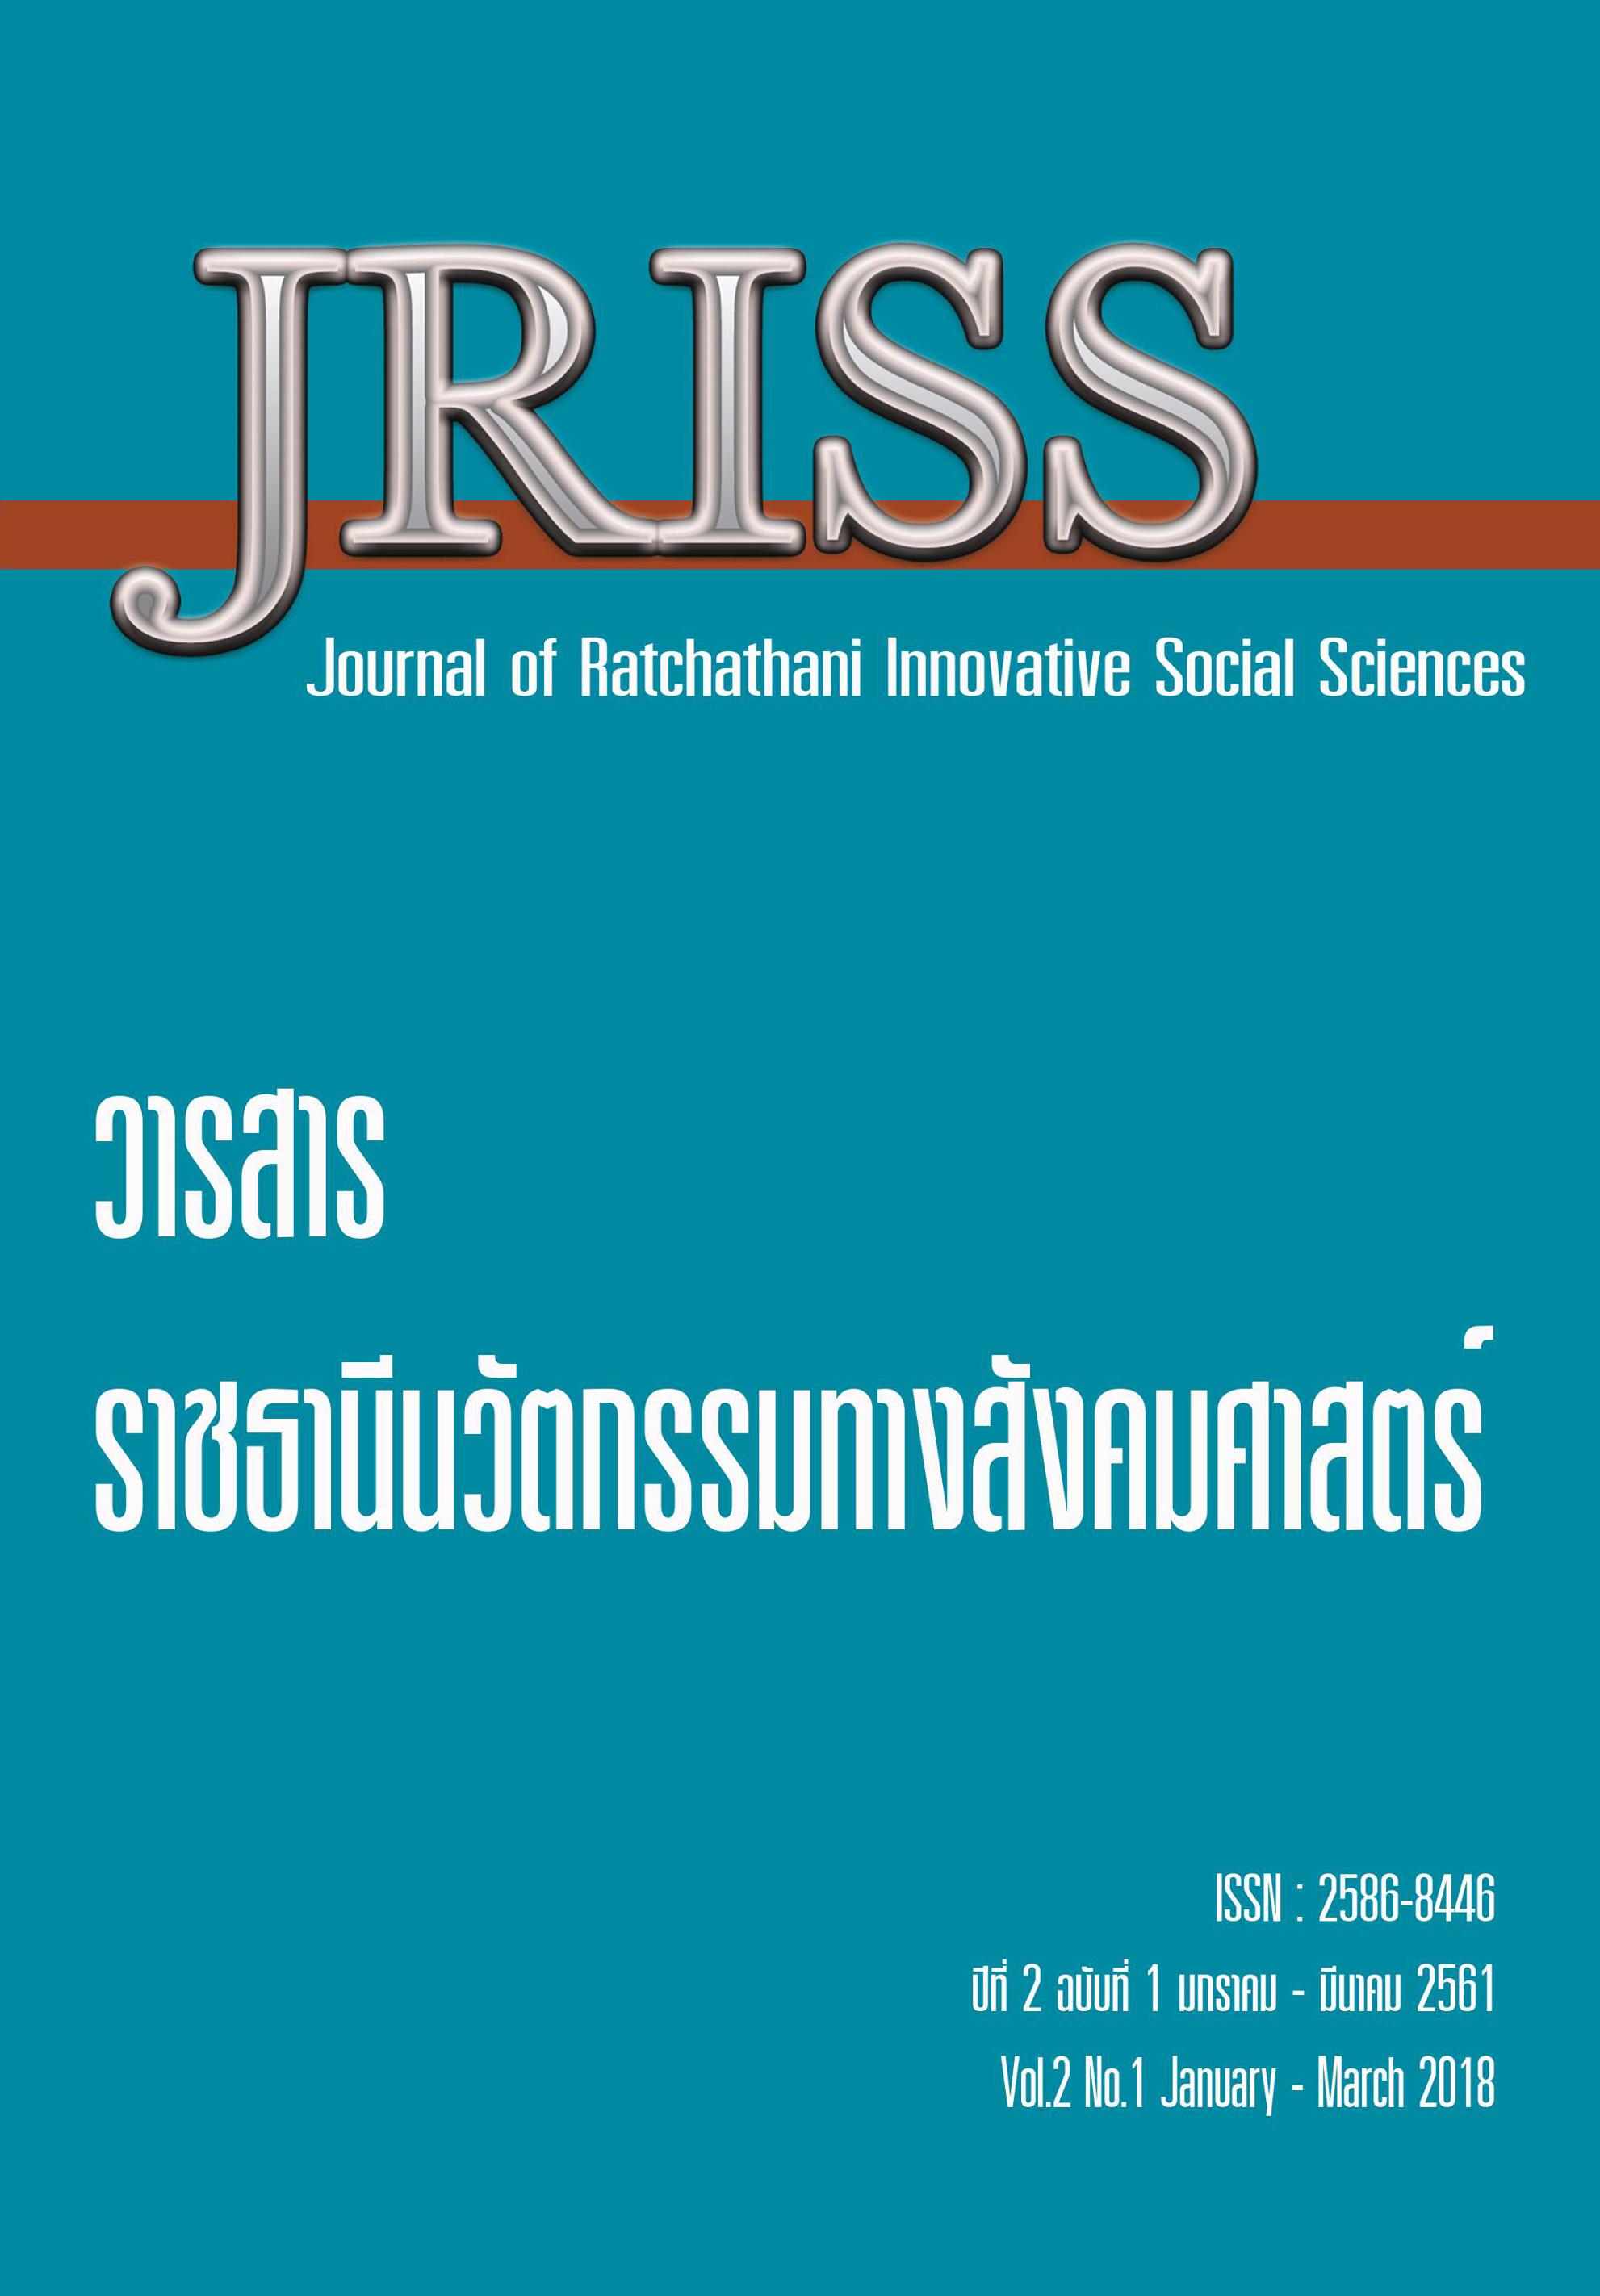 JRISS